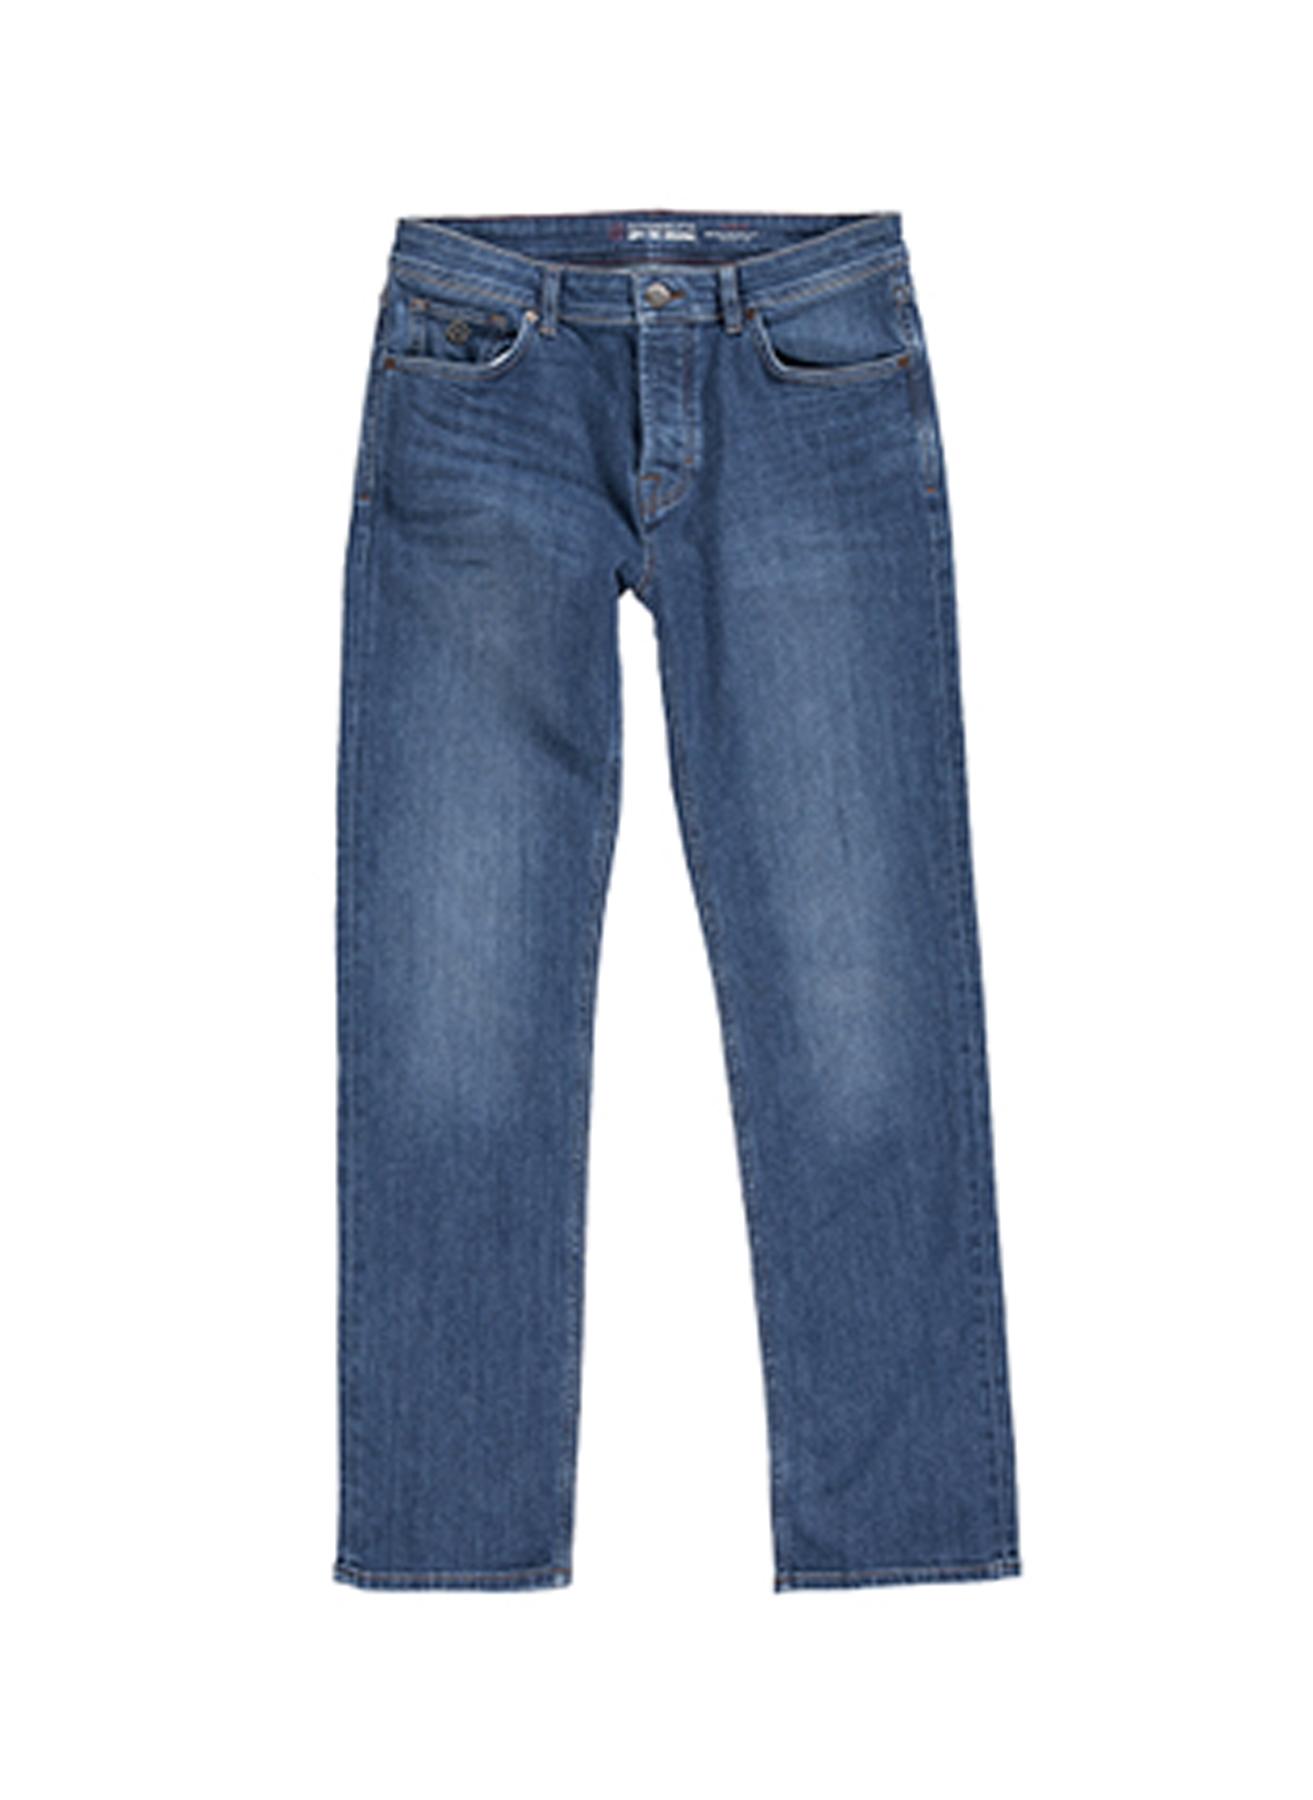 Loft Denim Pantolon 31-34 5000201936003 Ürün Resmi